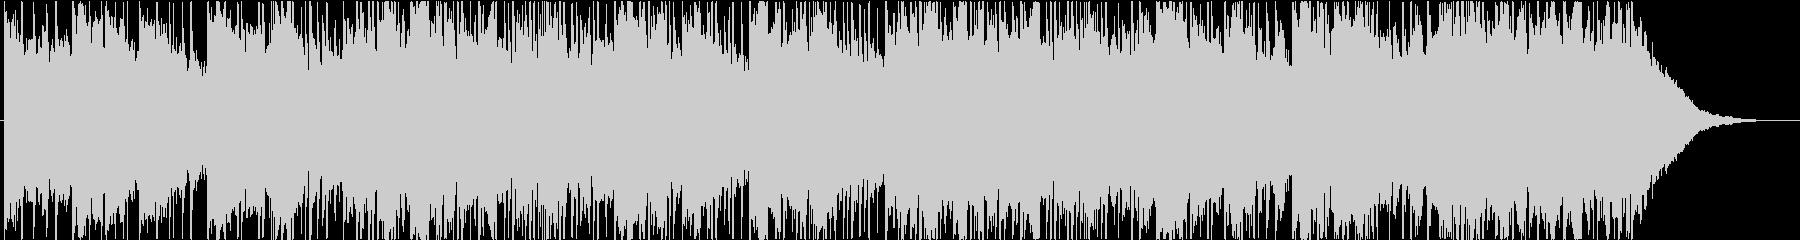 エレクトロニック、チルアウト、ポップの未再生の波形